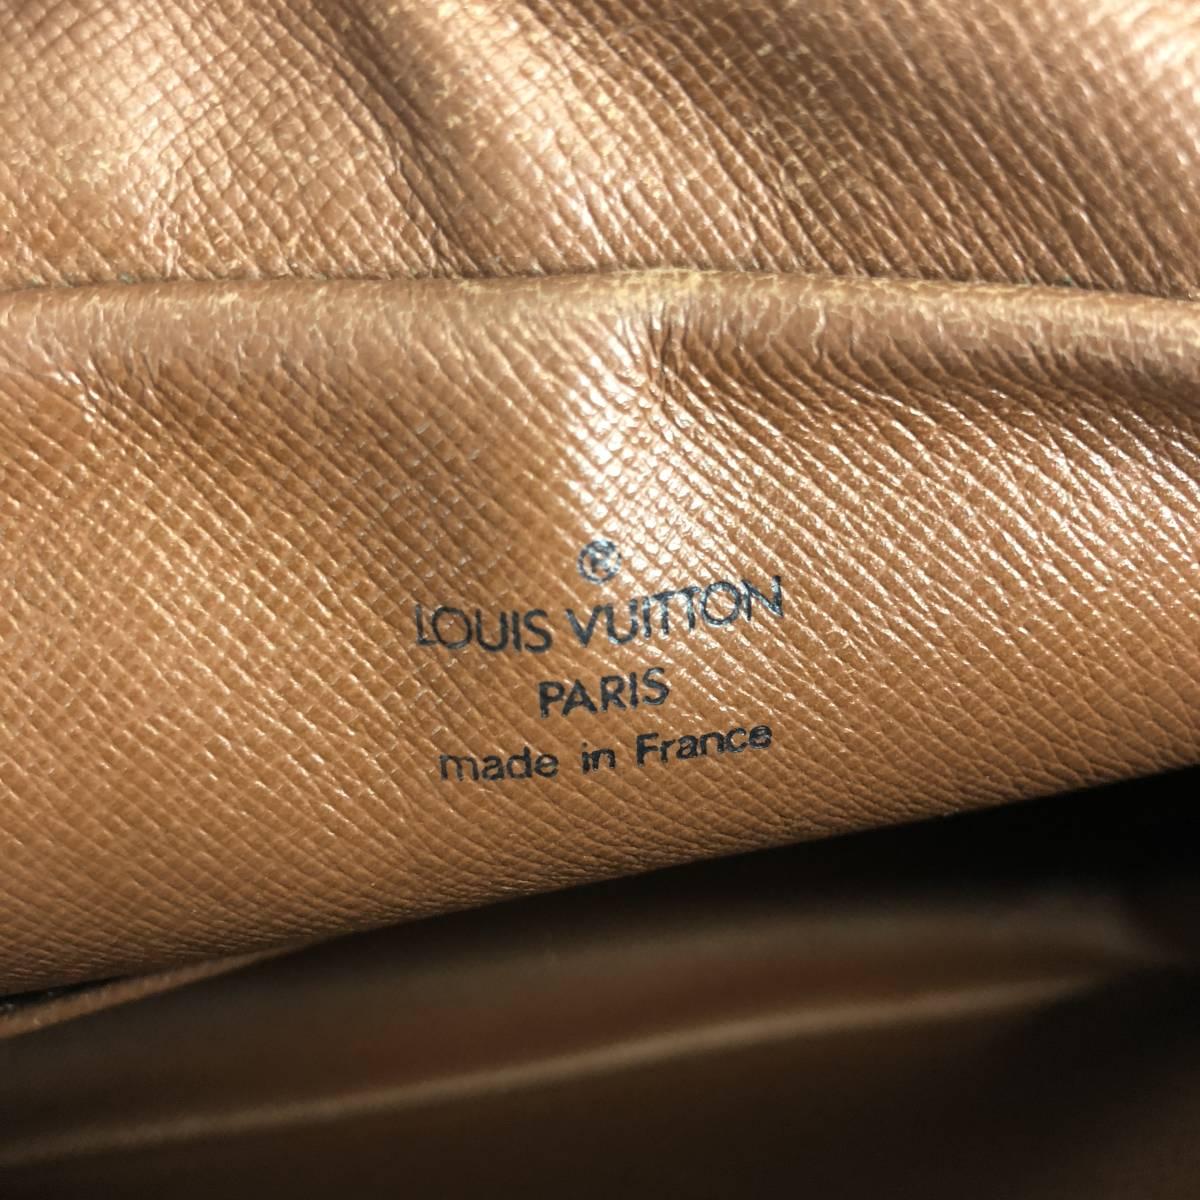 ジャンク品【3点セット】LOUIS VUITTON ルイヴィトン モノグラム スピーディ40 M41522 ボストンバッグ ハンドバッグ セカンドバッグ_画像10